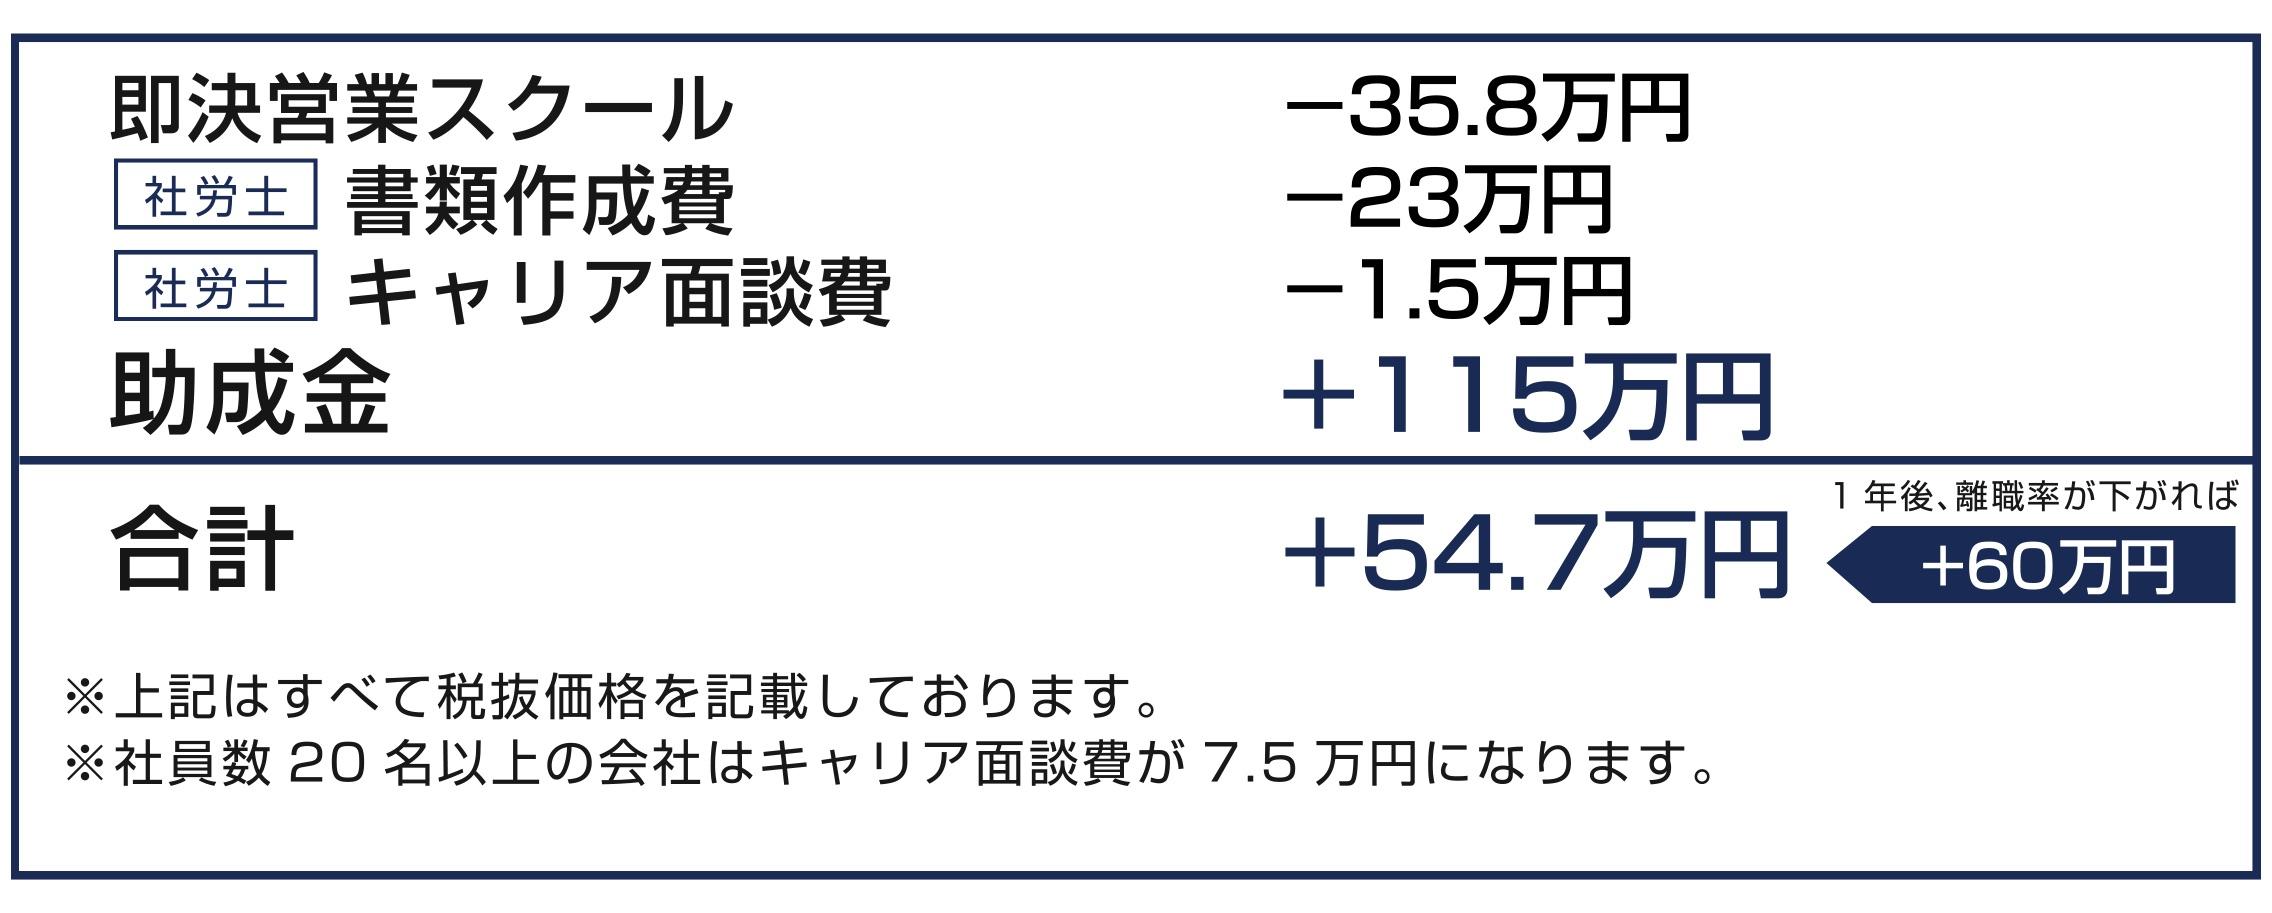 subsidy_main2